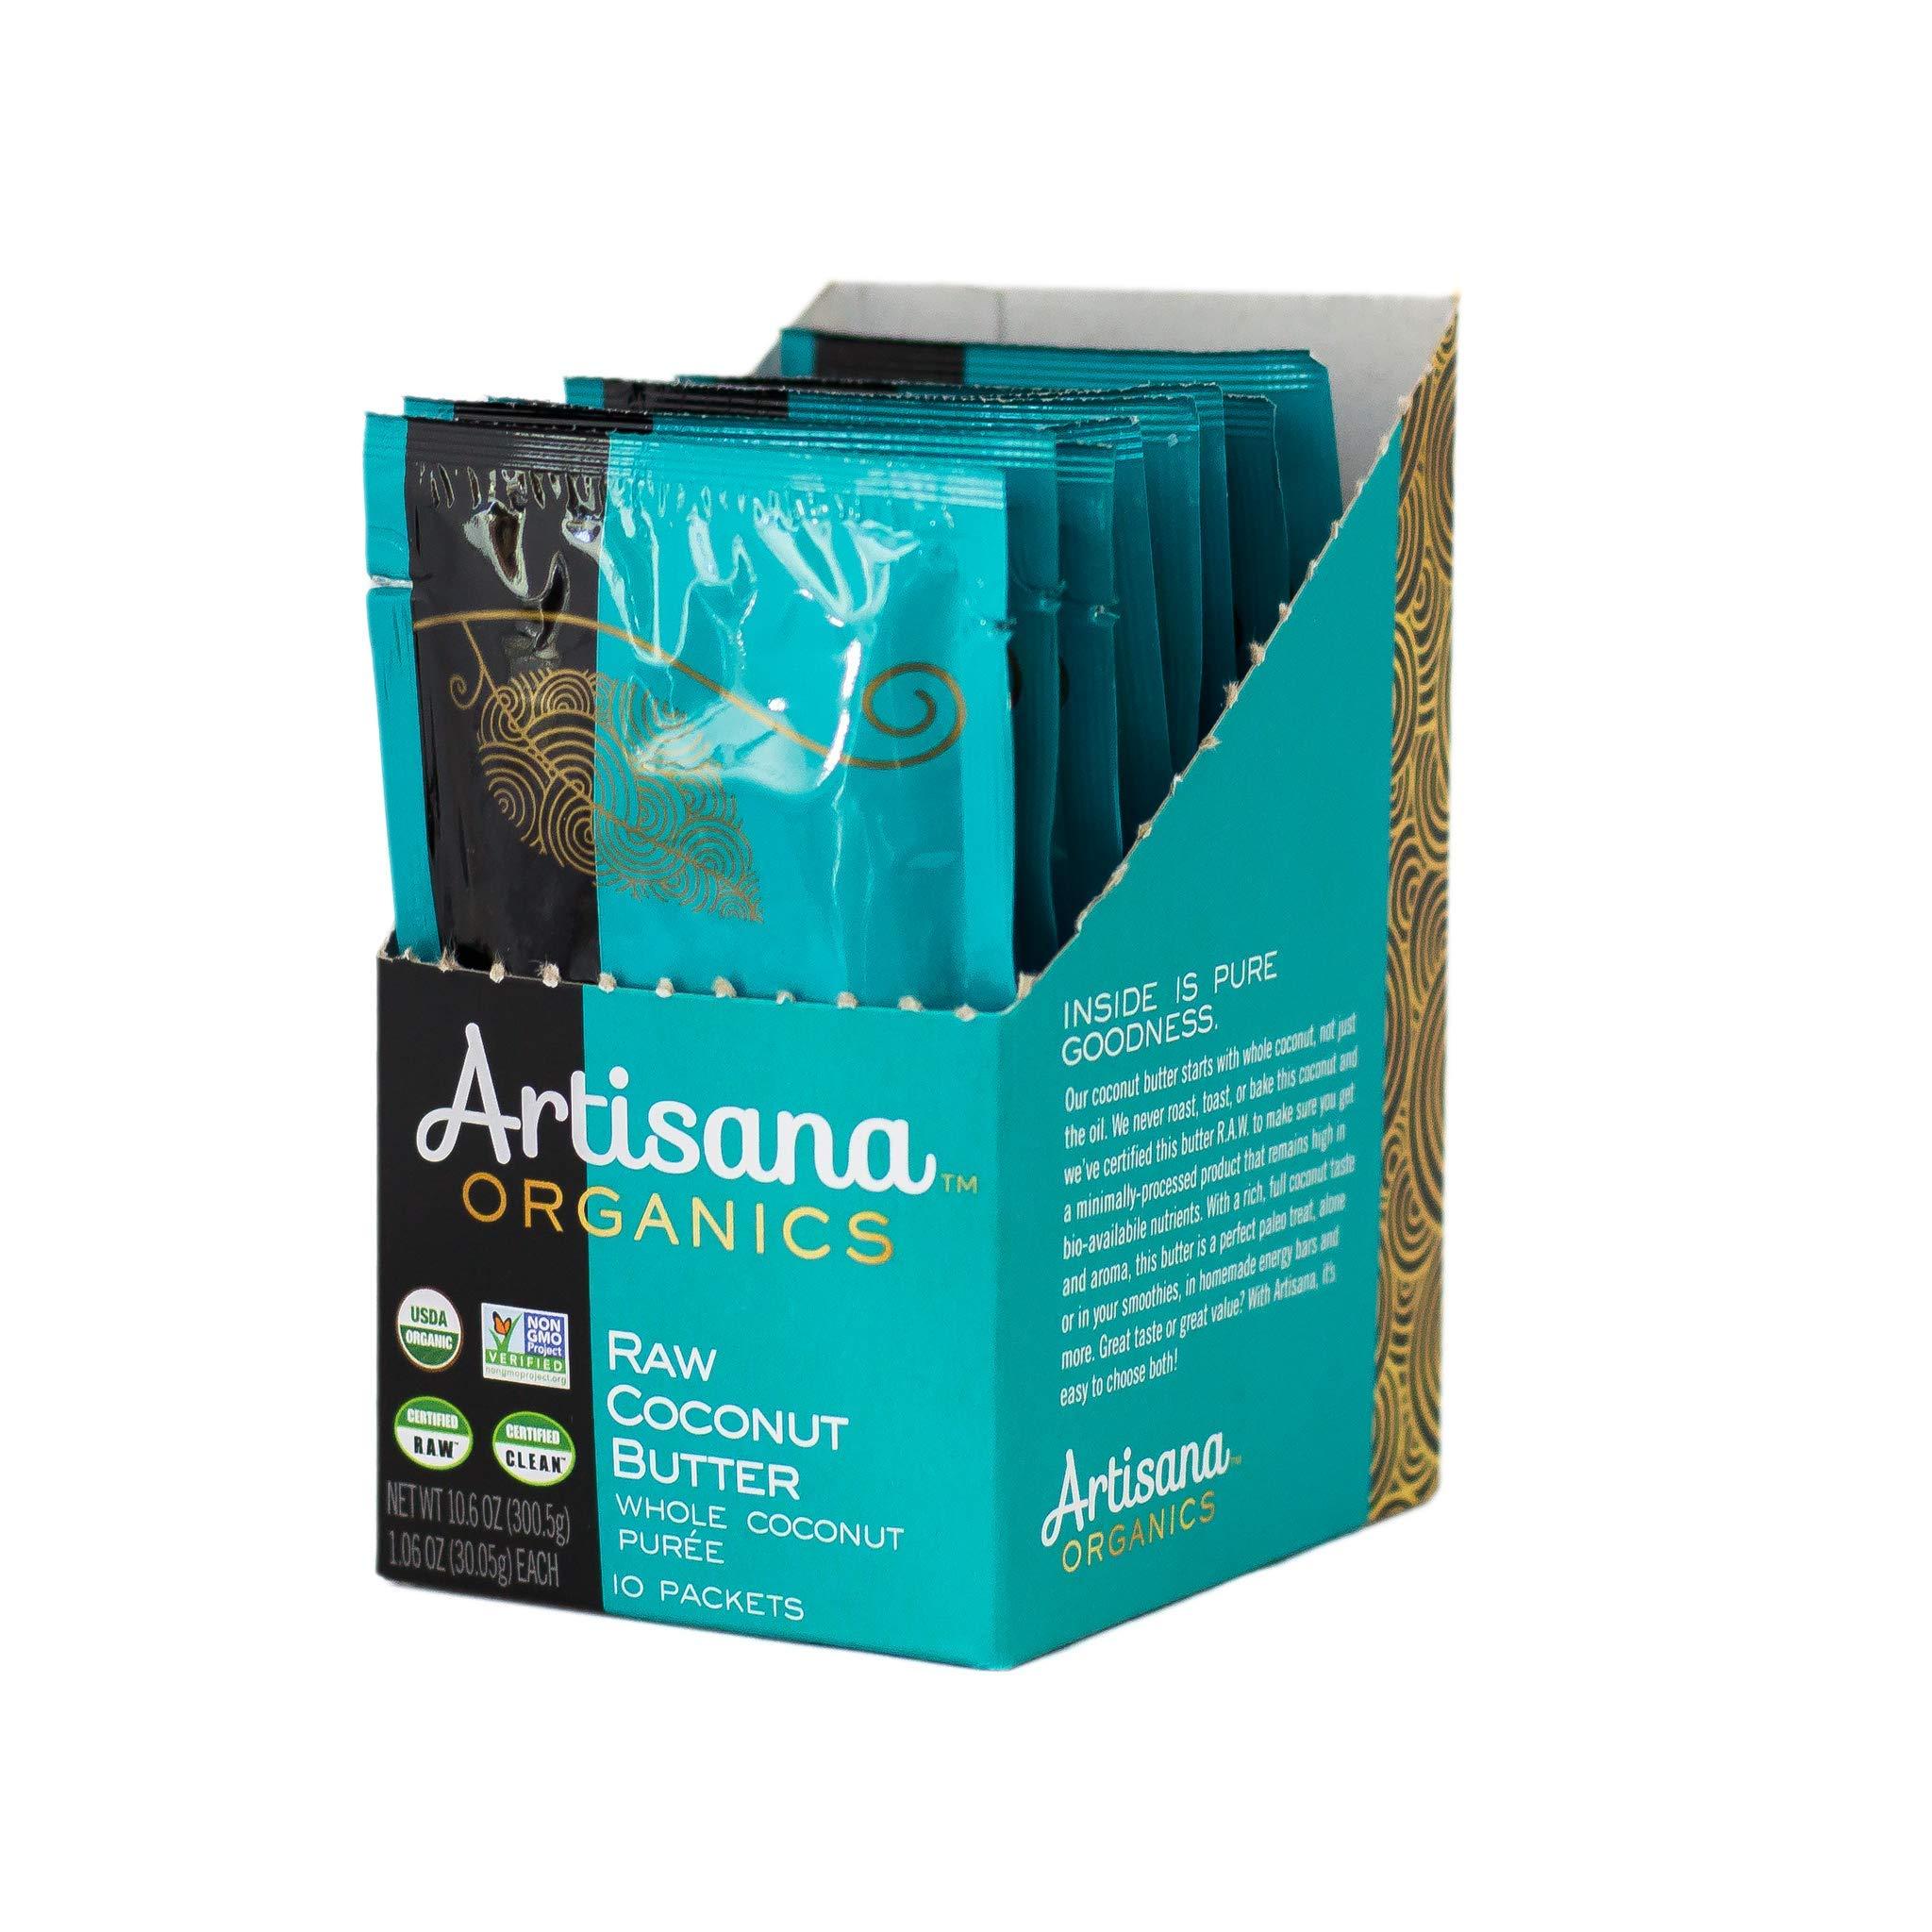 Artisana Organics Non GMO Raw Coconut Butter, 10 Snack Pouches